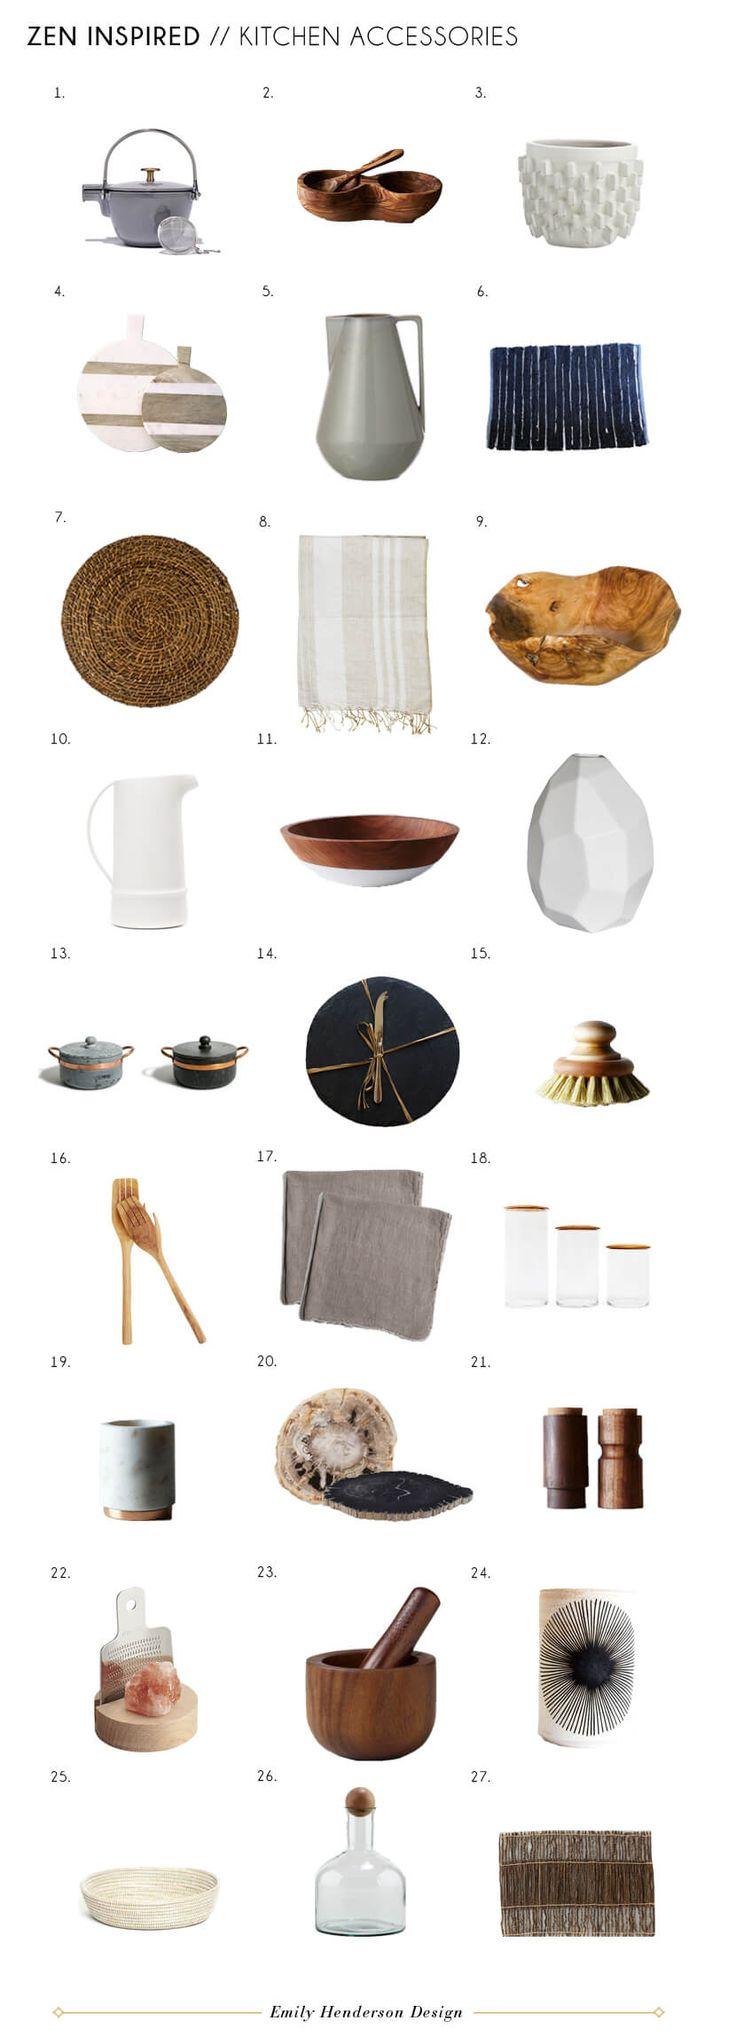 Kitchen Accessories: Zen